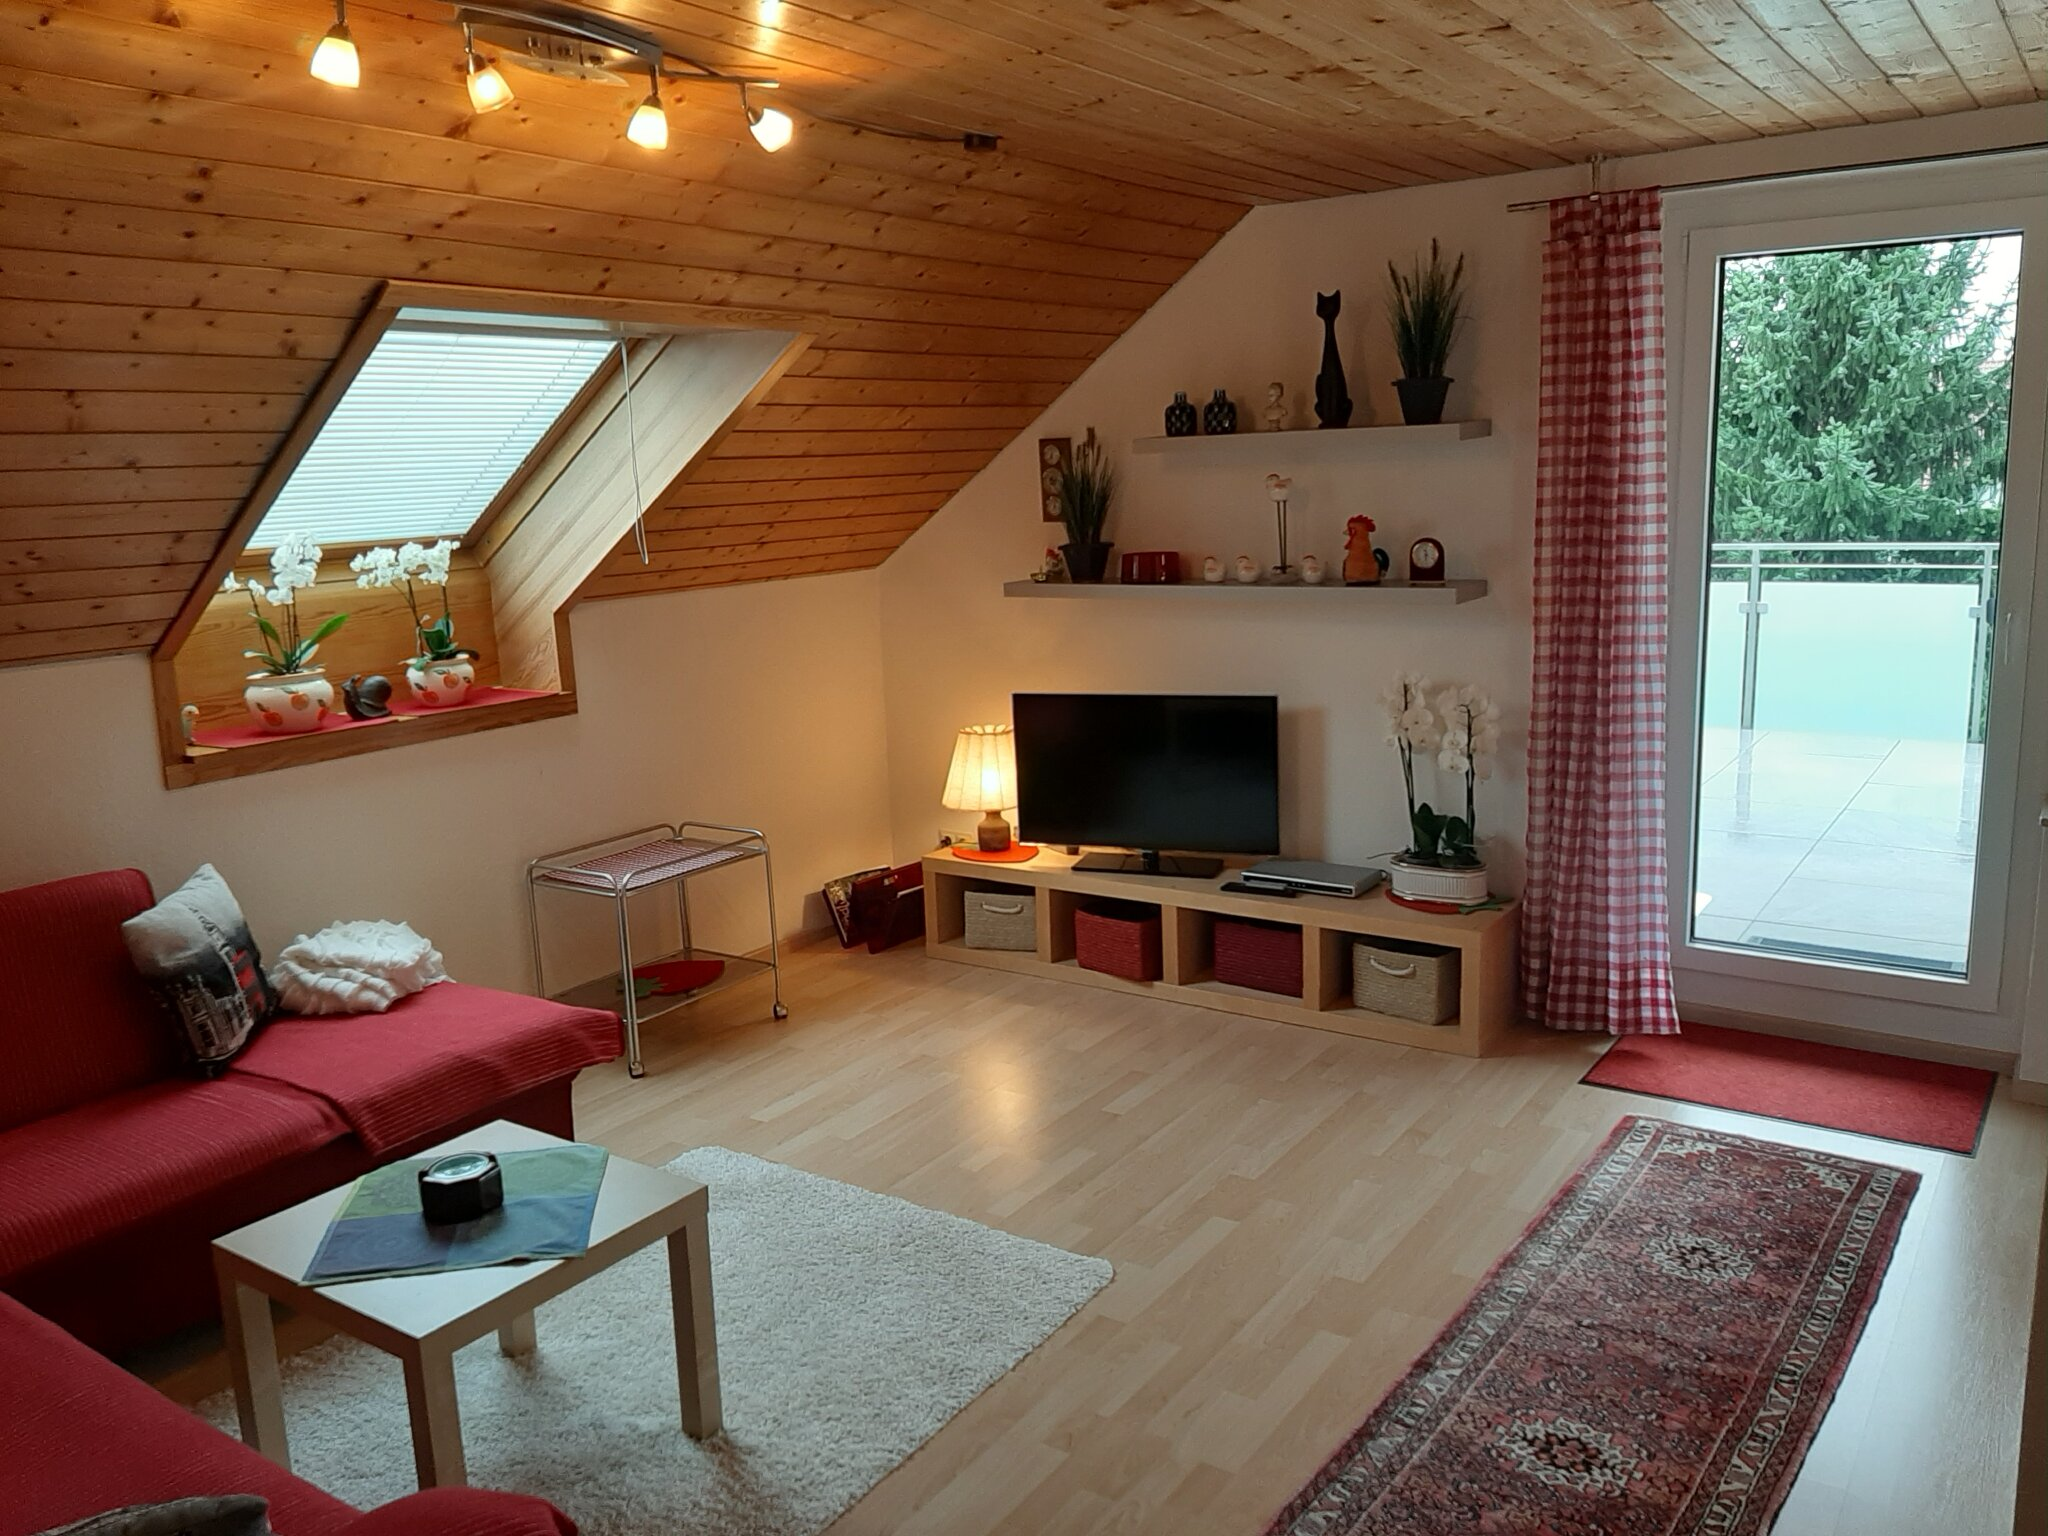 Ess- Wohnzimmer mit Couch u. Flachbild-TV